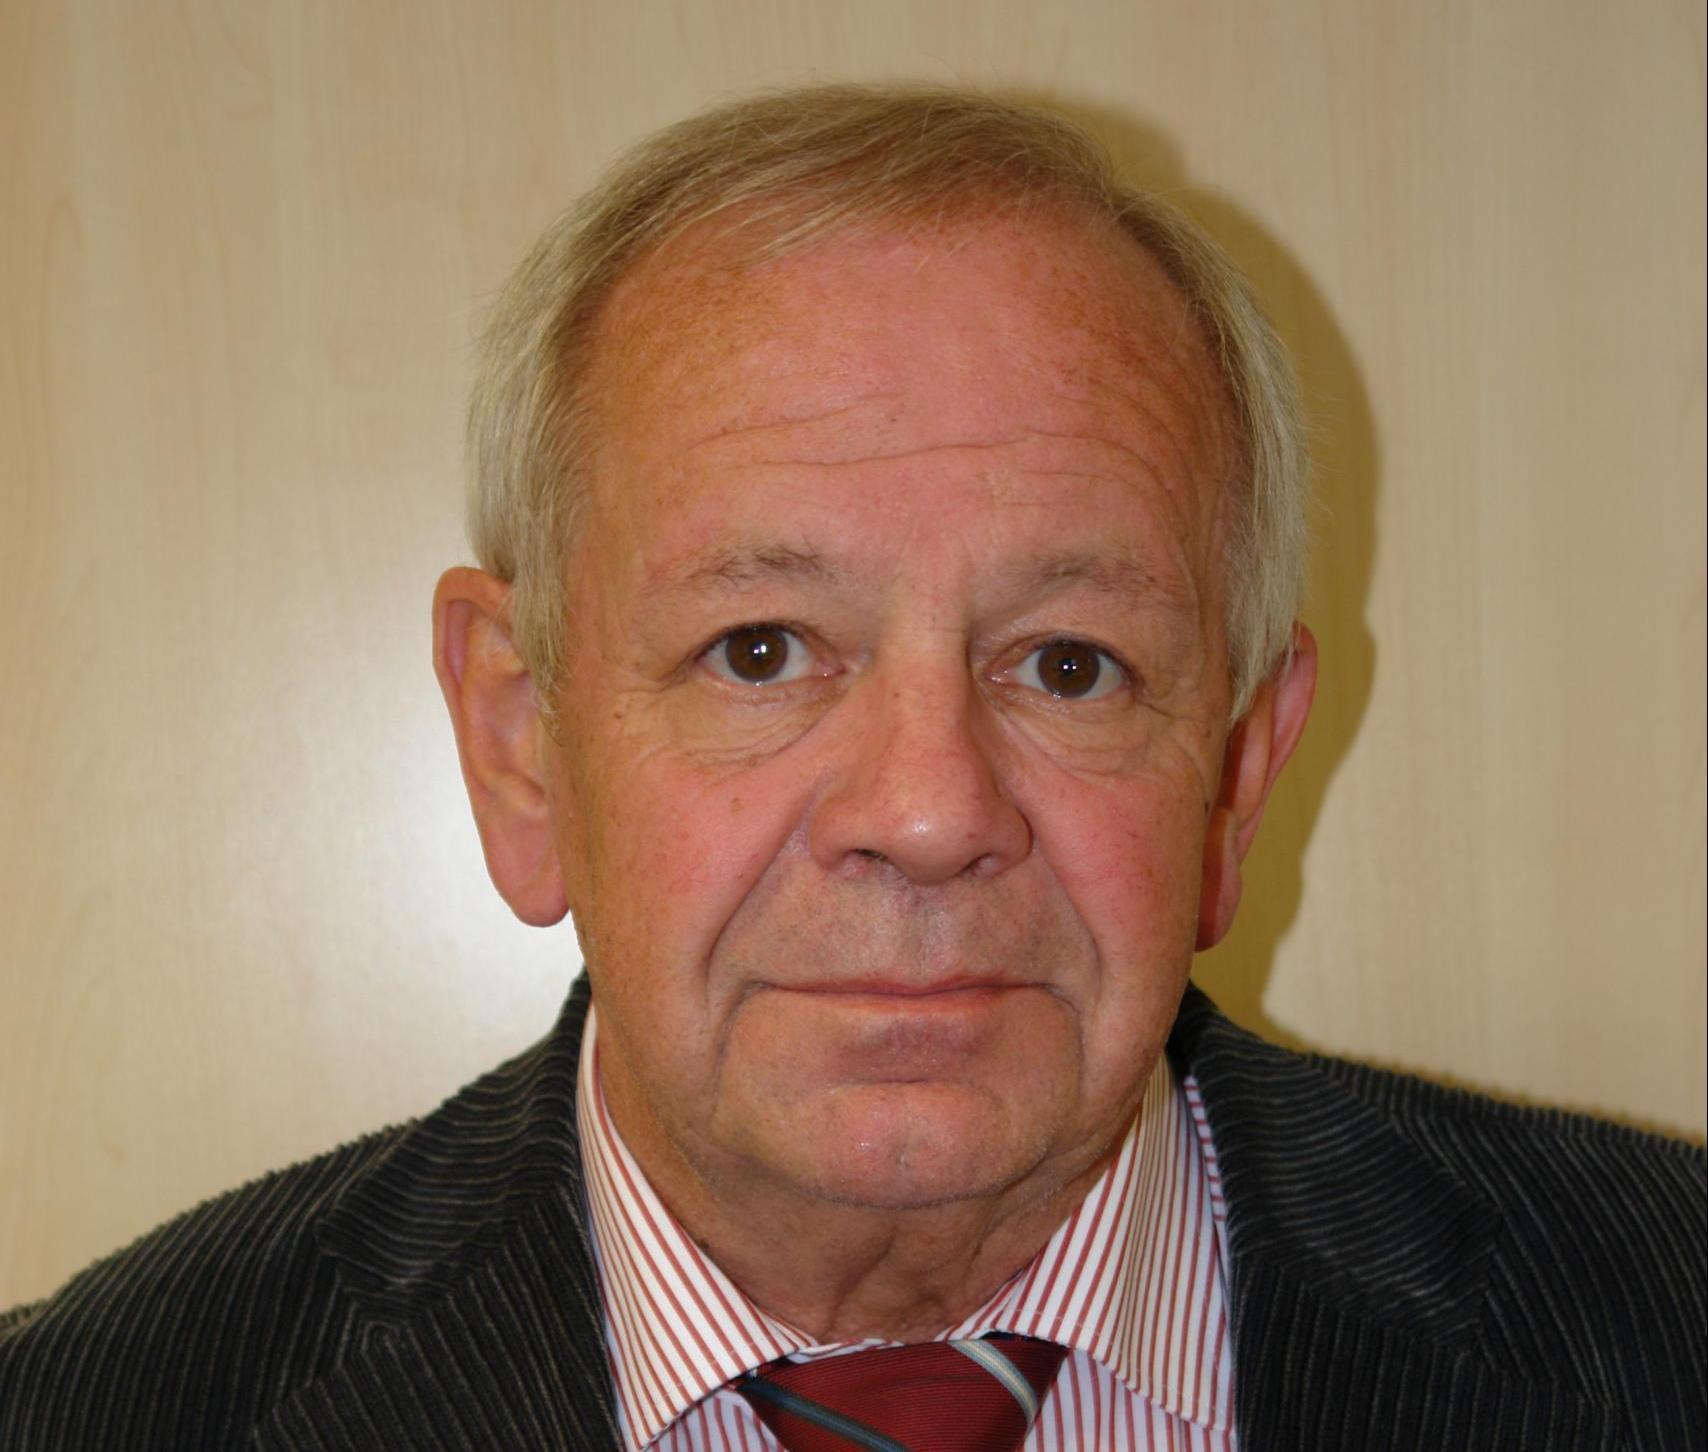 Bild von Kurt Schrimm, 2000 bis 2015 Leiter der Zentrale Stelle der Landesjustizverwaltungen zur Aufklärung nationalsozialistischer Verbrechen in Ludwigsburg